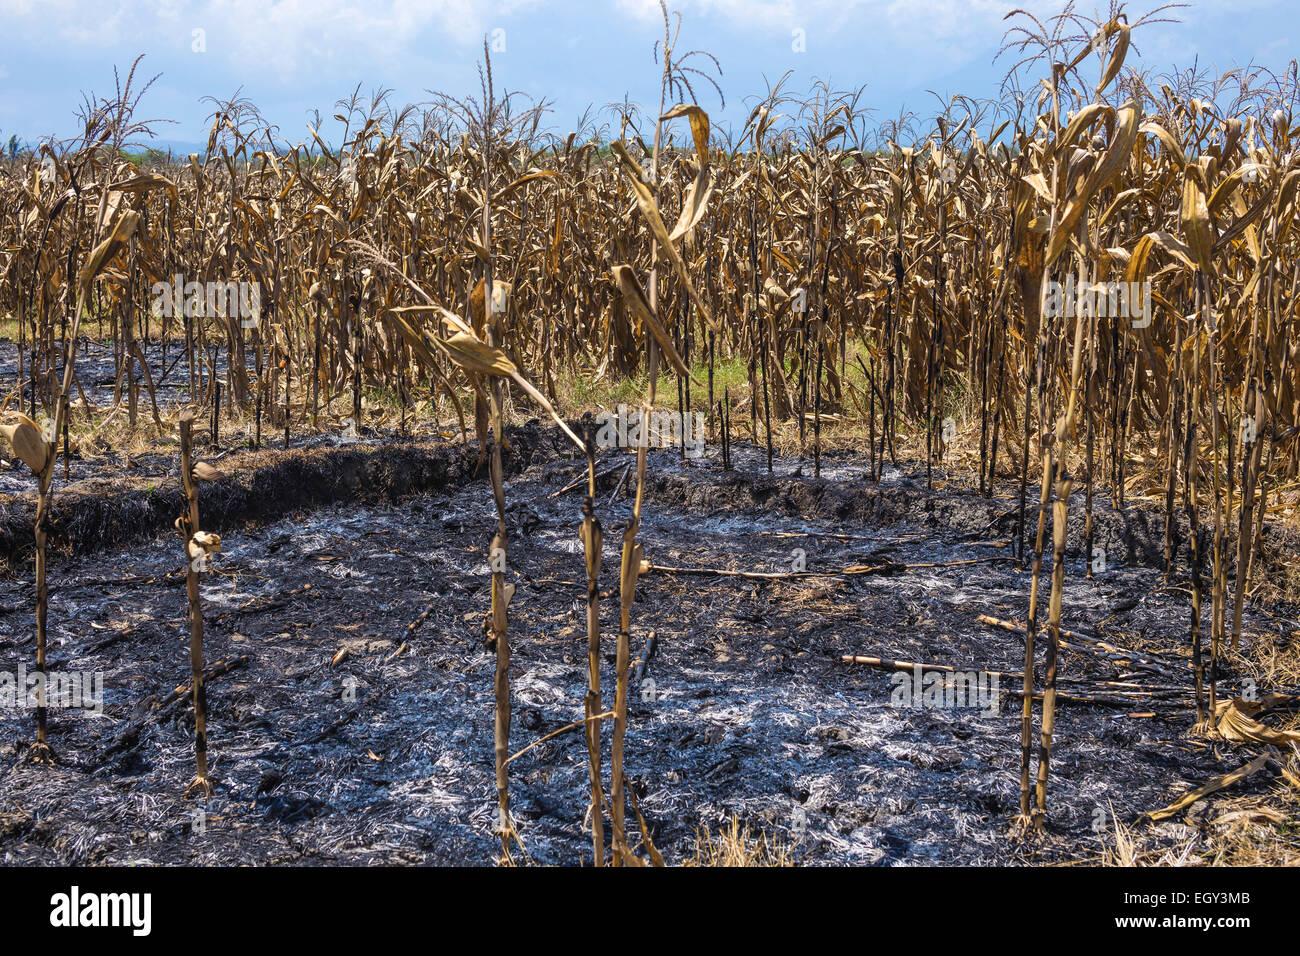 Muertos campo de maíz seca en Bali.Indonesia. Foto de stock